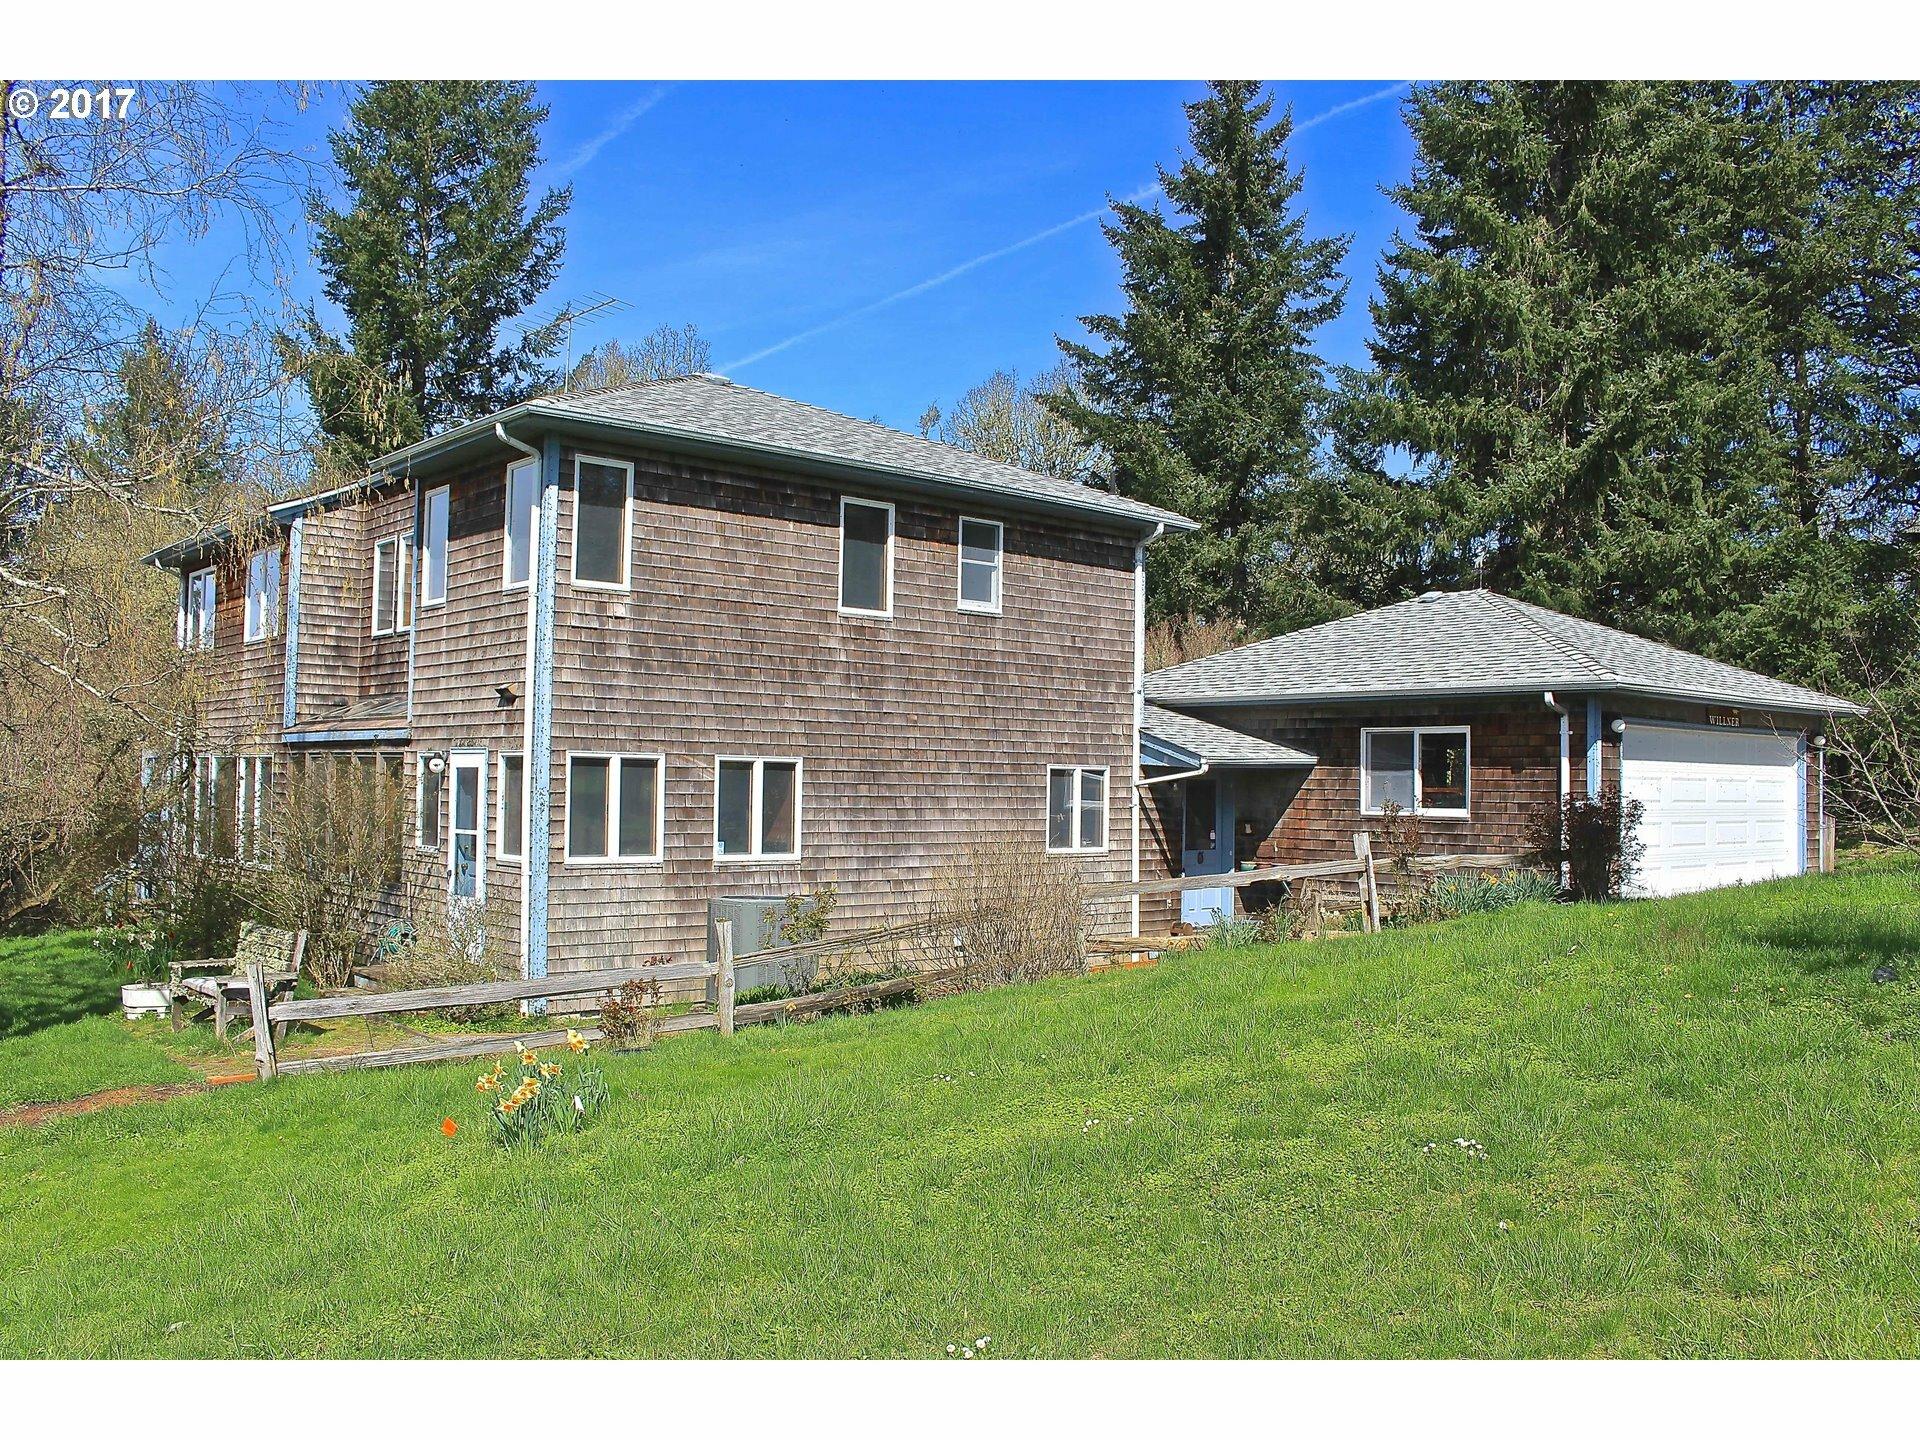 6730 Zena Rd, Rickreall, OR - USA (photo 2)